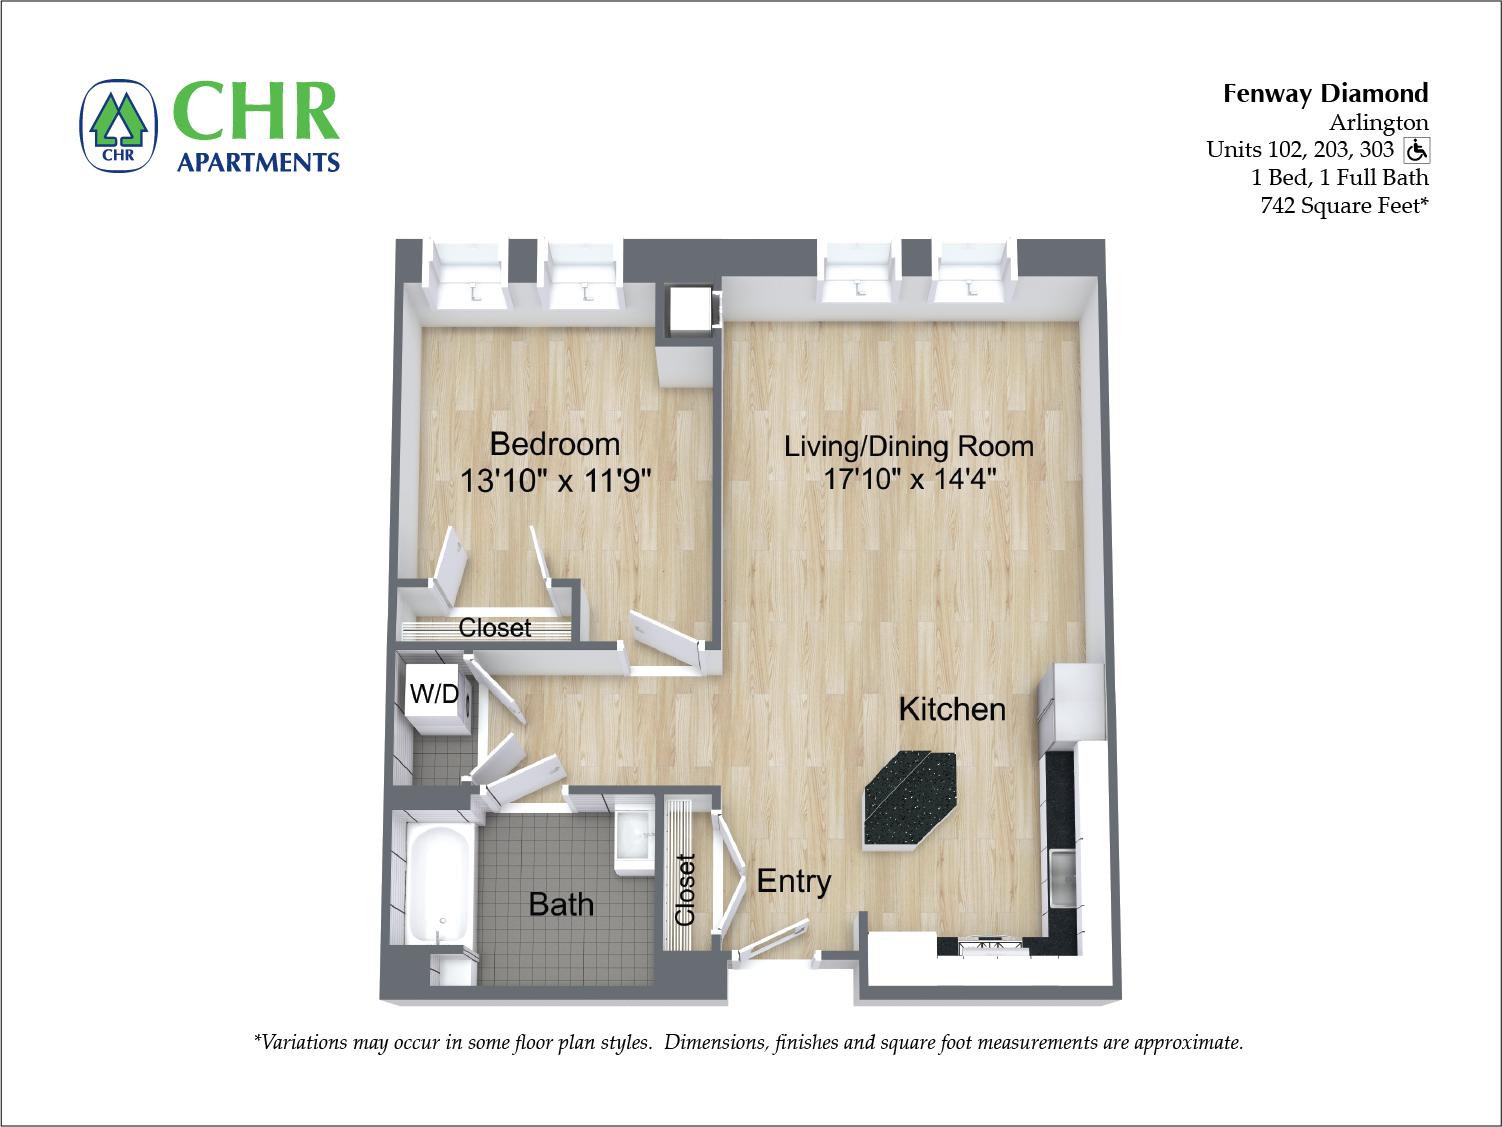 Floor plan 1 Bedroom with Open Floorplan image 7